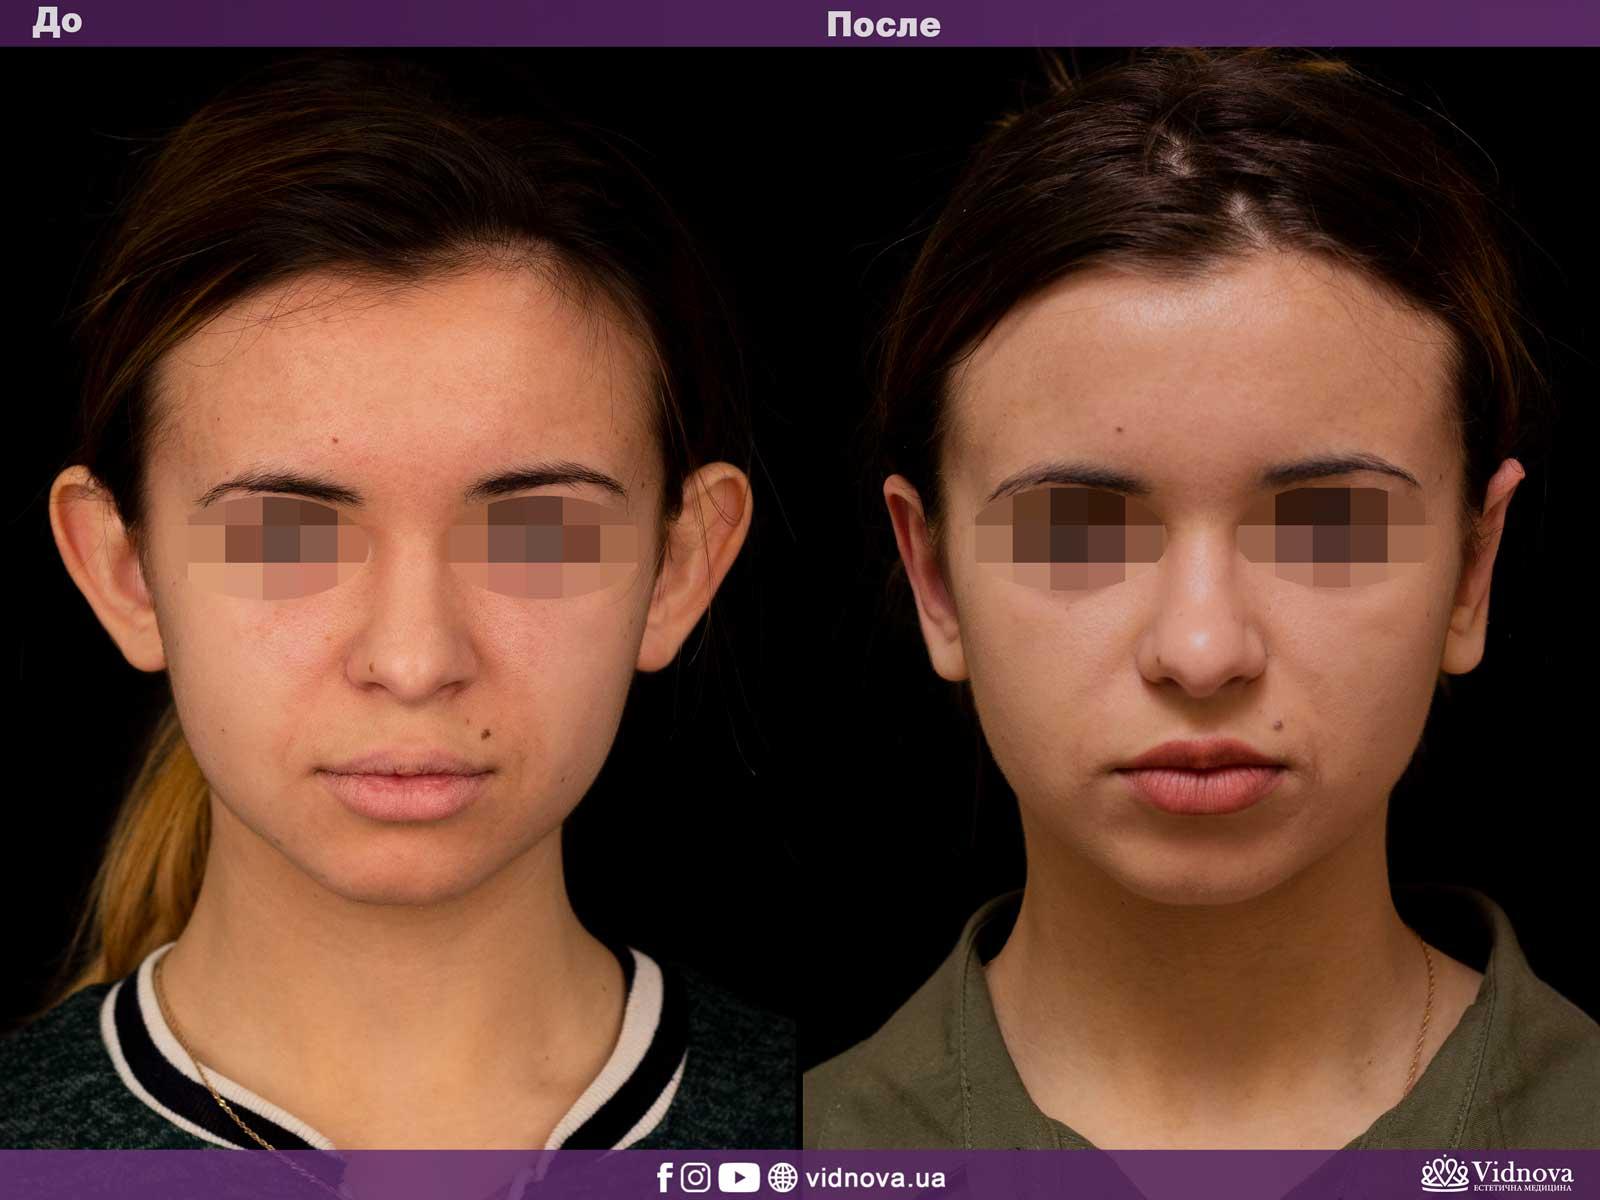 Отопластика: Фото До и После - Пример №3-1 - Клиника Vidnova